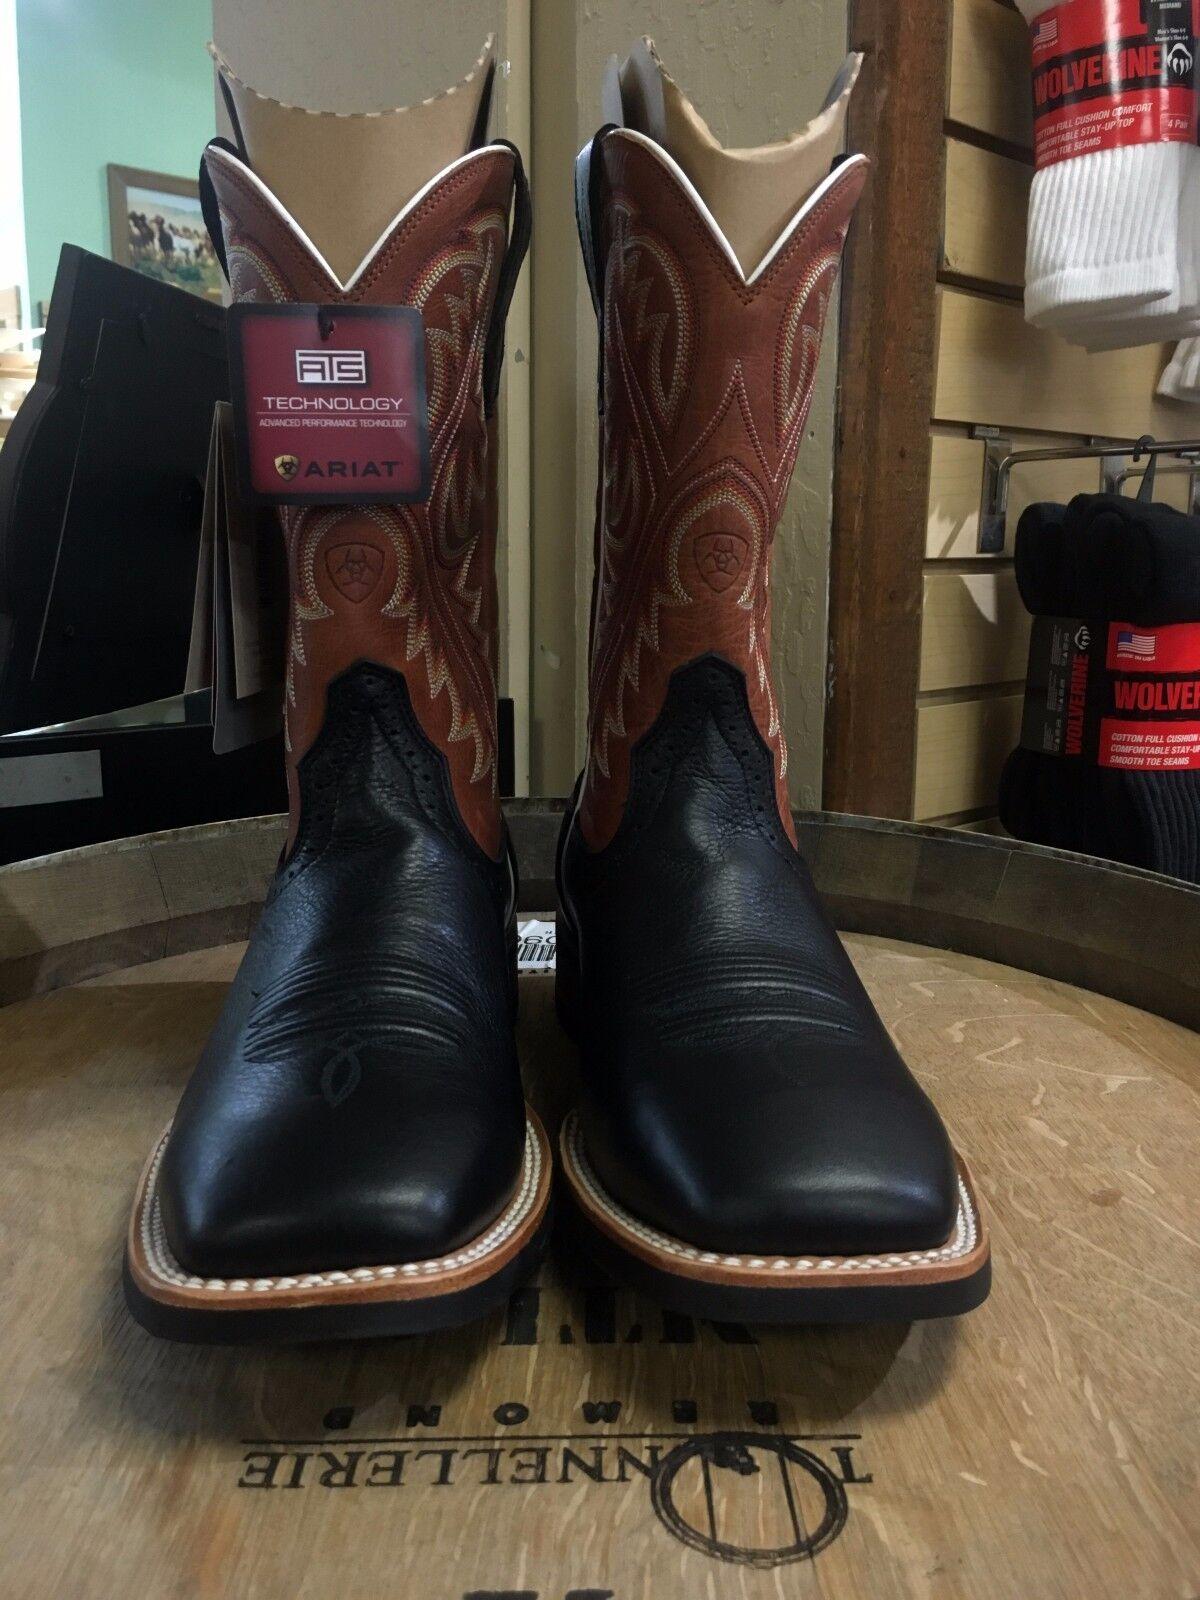 botas para hombre Ariat Quickdraw occidental (nuevo)